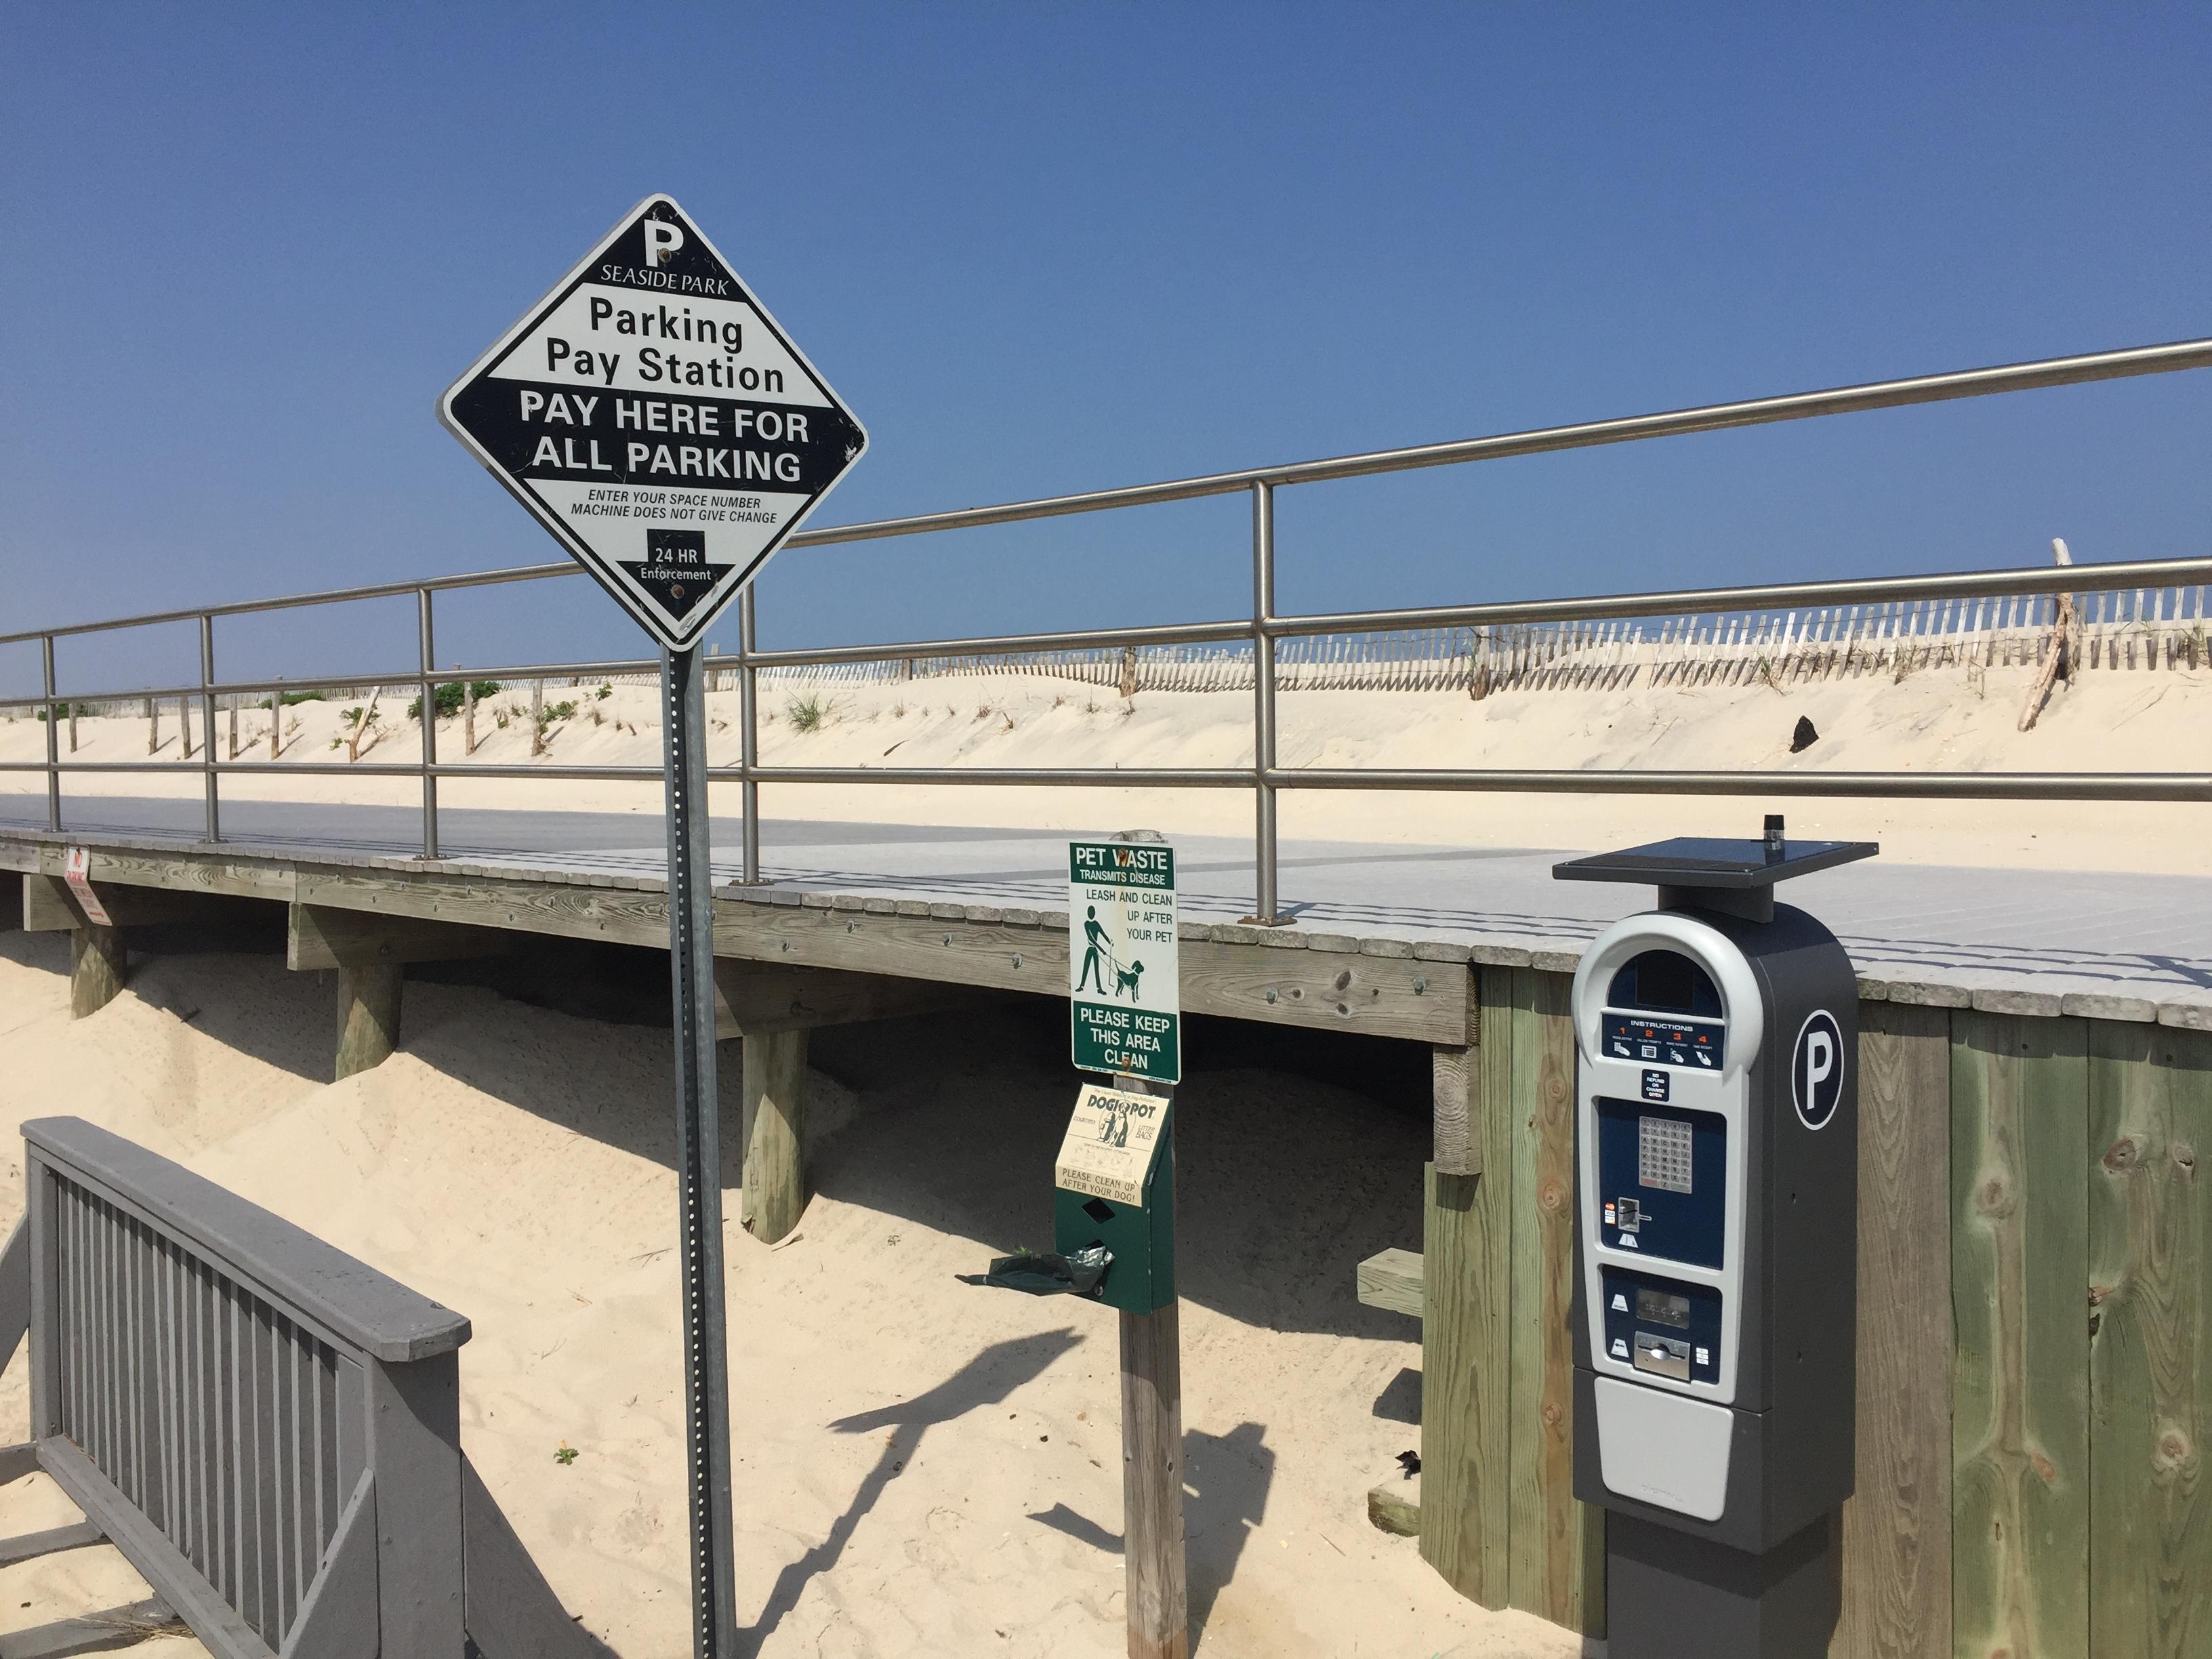 New parking kiosks along Ocean Avenue in Seaside Park. (Photo: Daniel Nee)